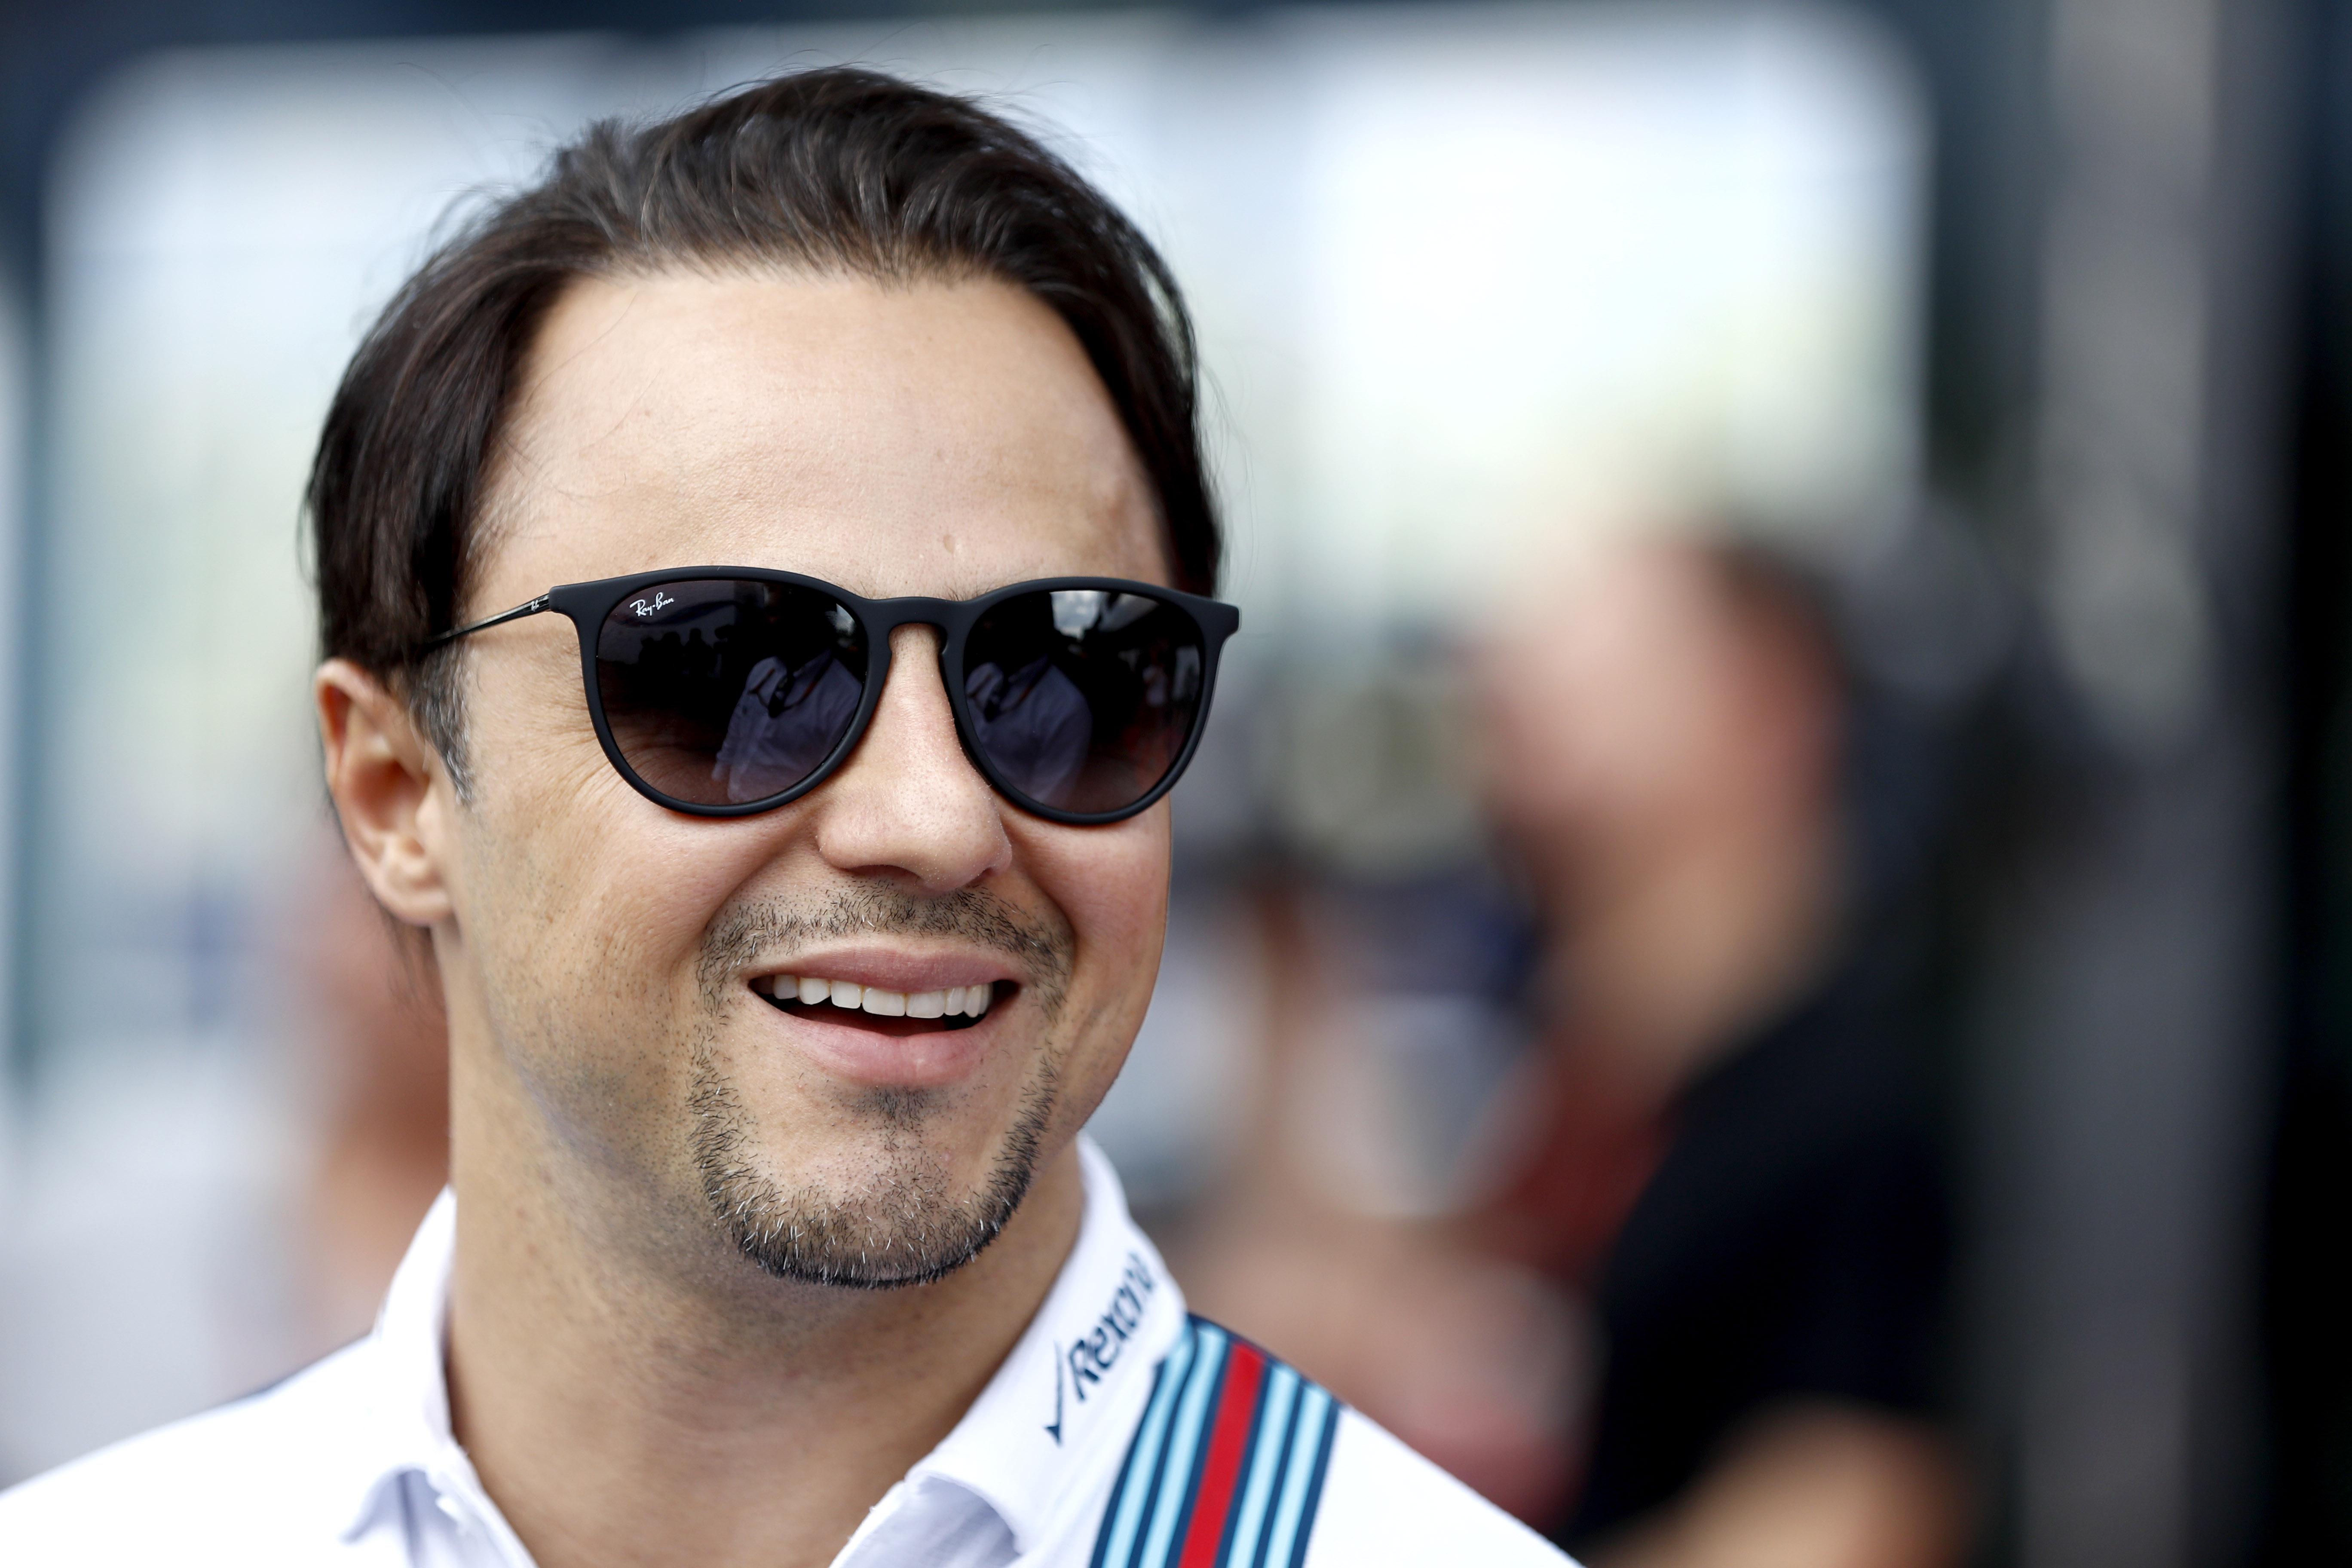 Massa: Ferrari is almost like a religion